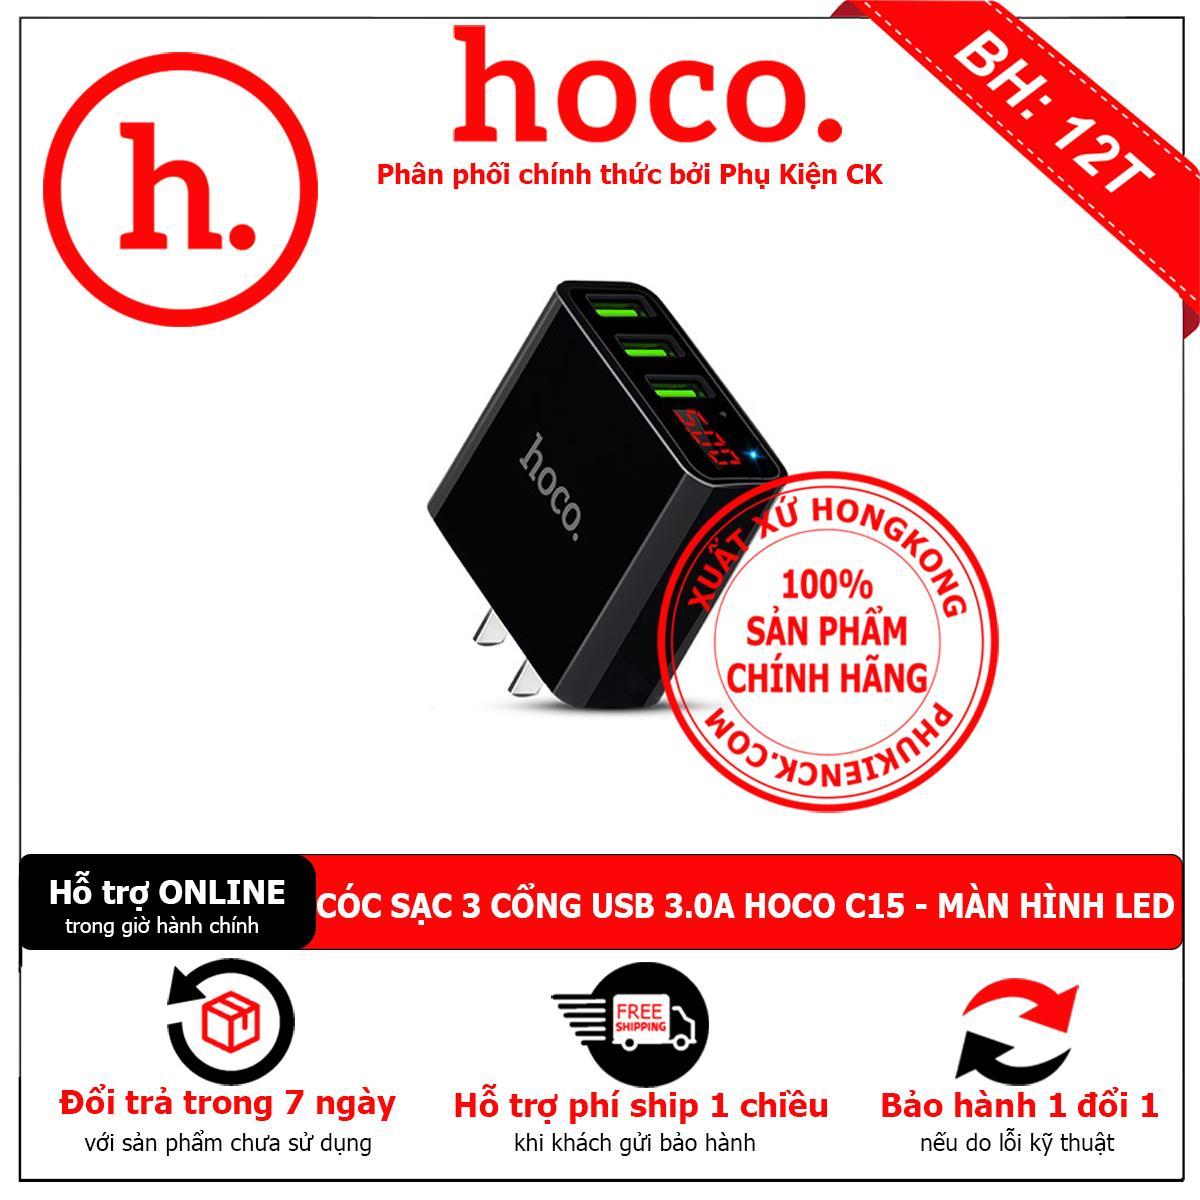 CÓC SẠC 3 CỔNG USB 3.0A HOCO C15 -HÃNG PHÂN PHỐI CHÍNH THỨC